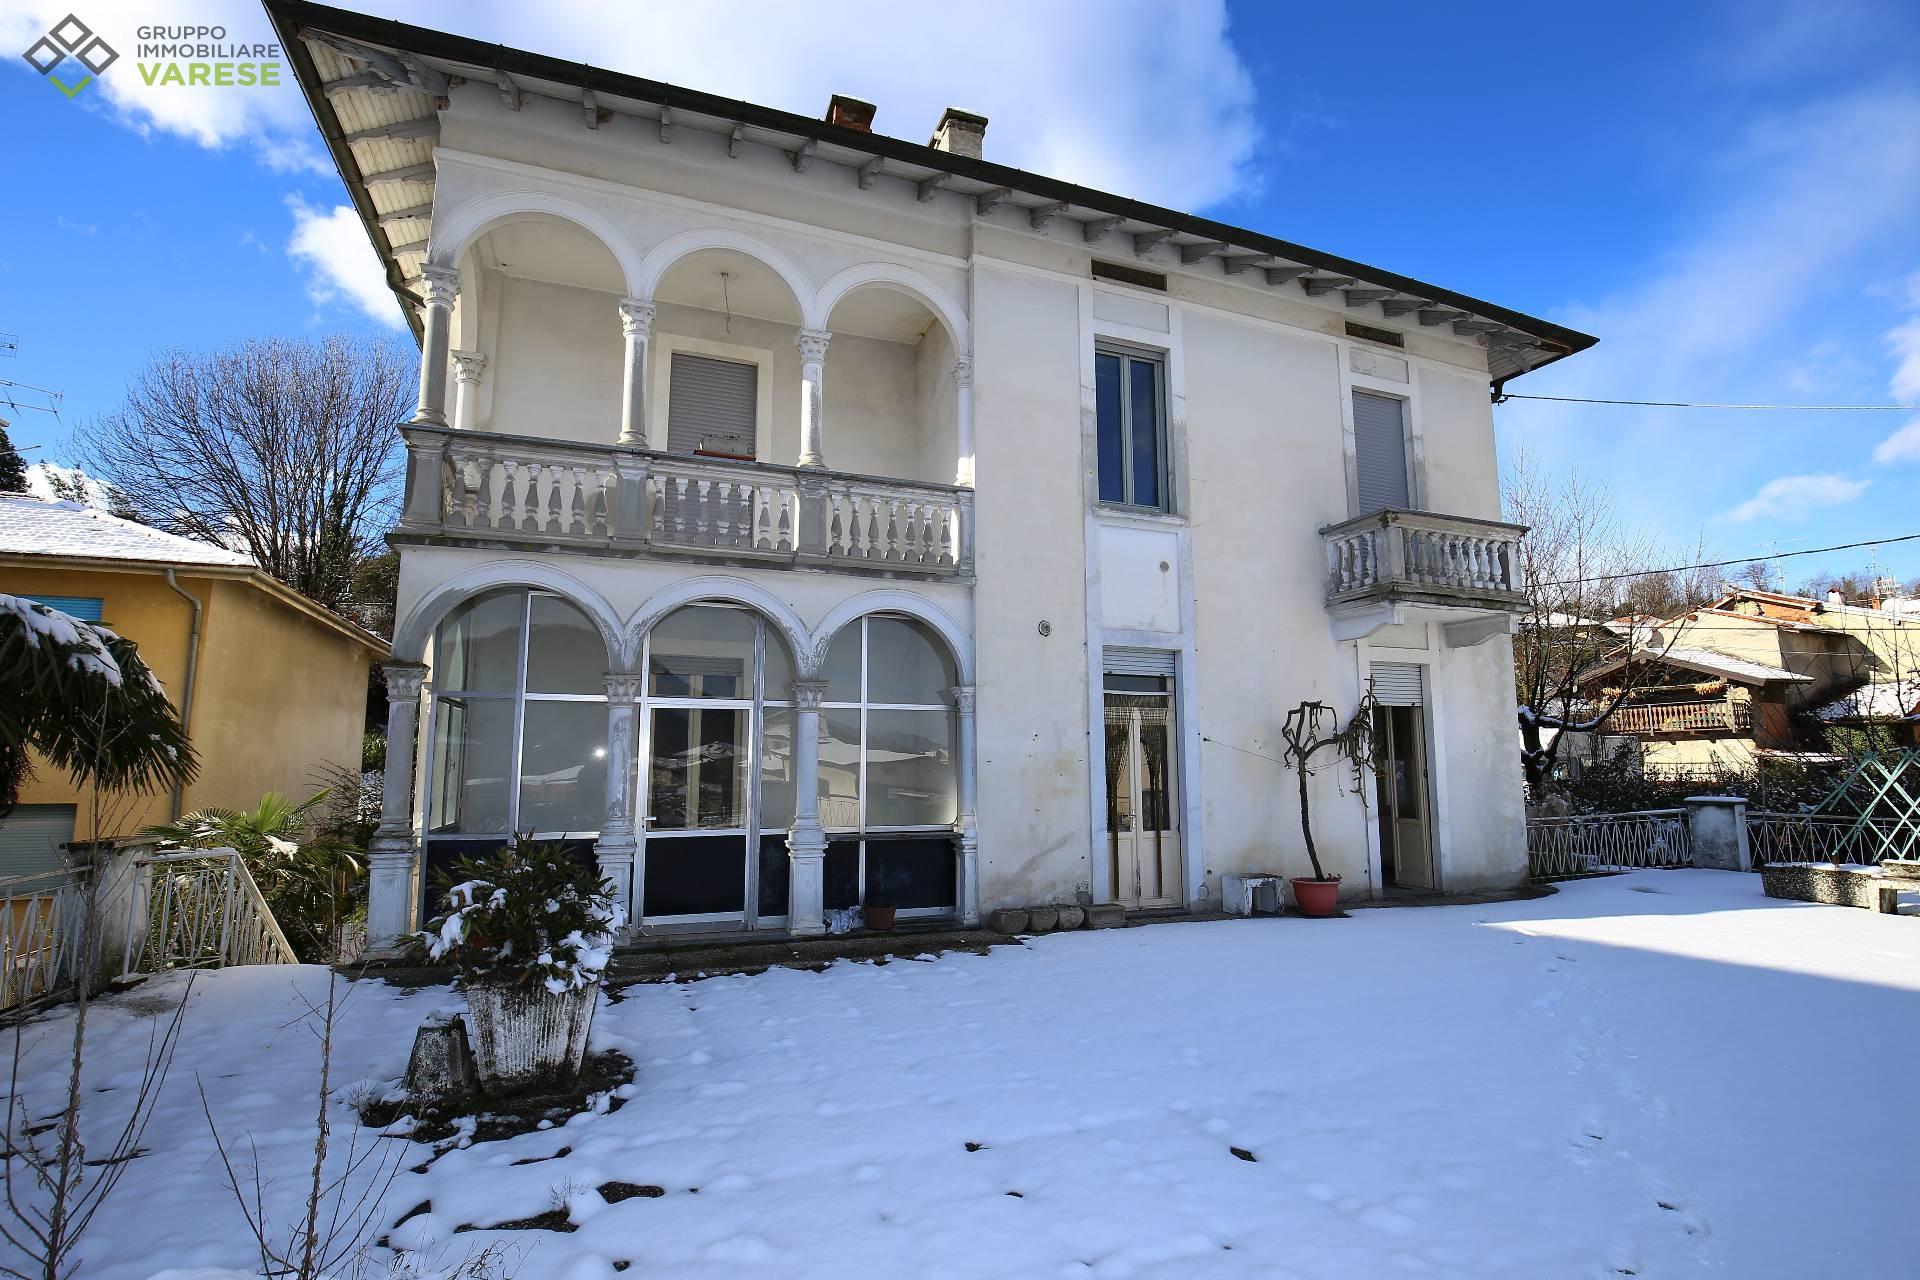 Appartamento in vendita a Laveno-Mombello, 6 locali, zona ello, prezzo € 143.000 | PortaleAgenzieImmobiliari.it